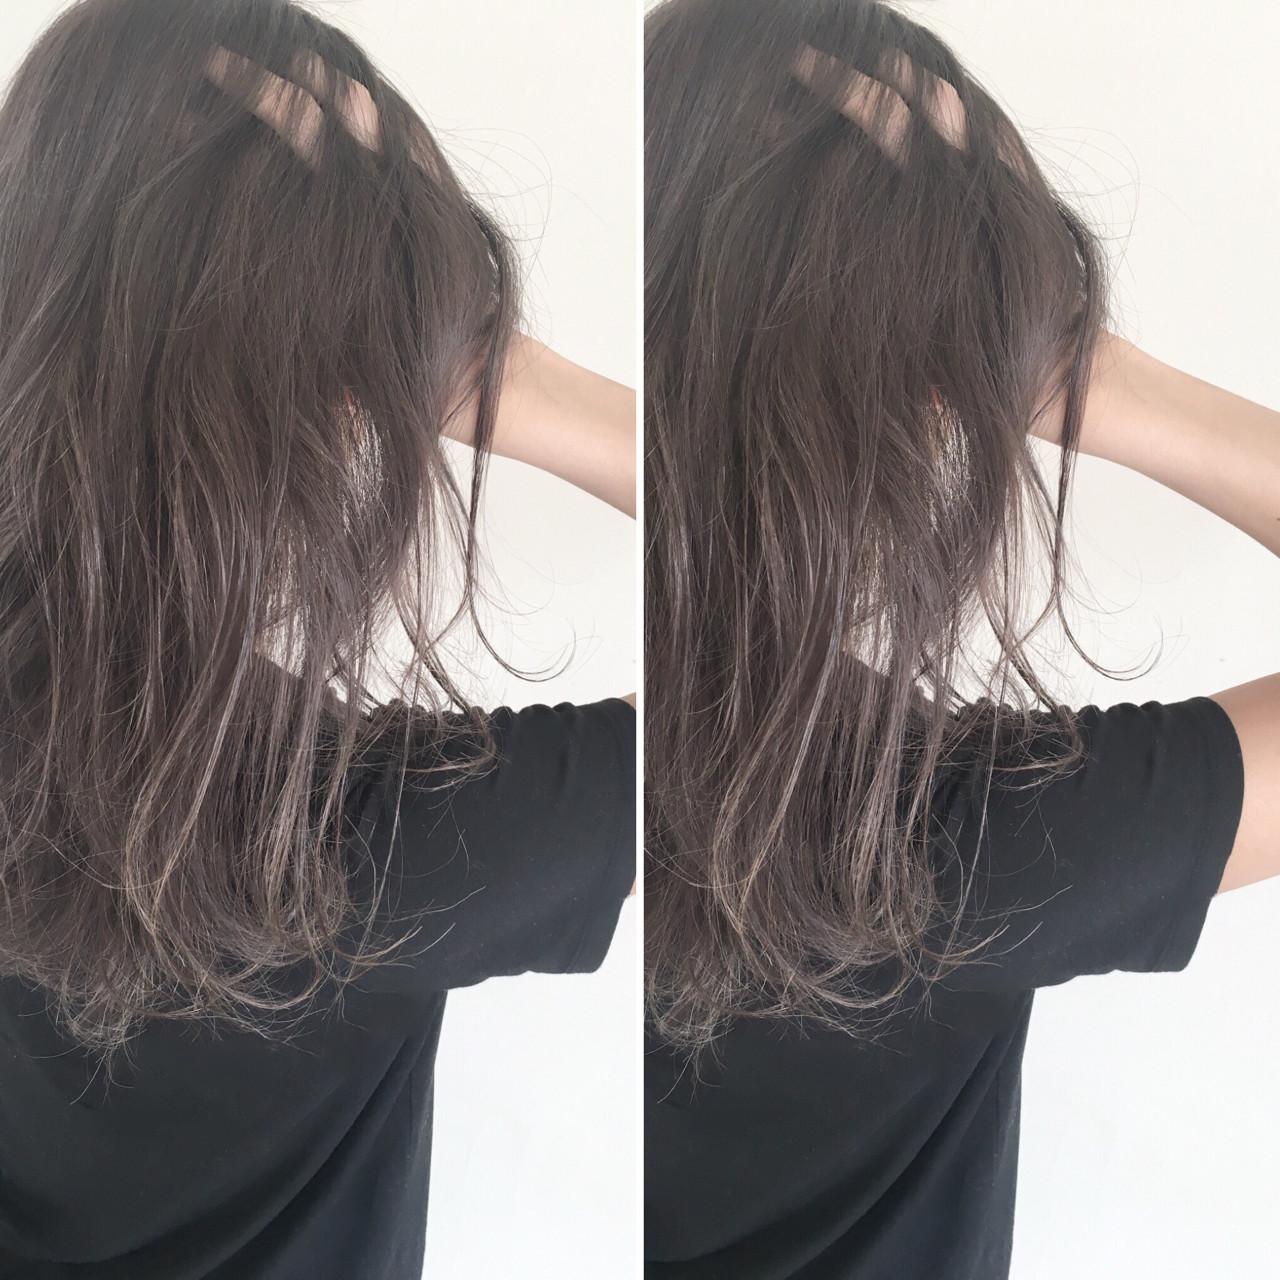 透明感 抜け感 暗髪 ナチュラル ヘアスタイルや髪型の写真・画像